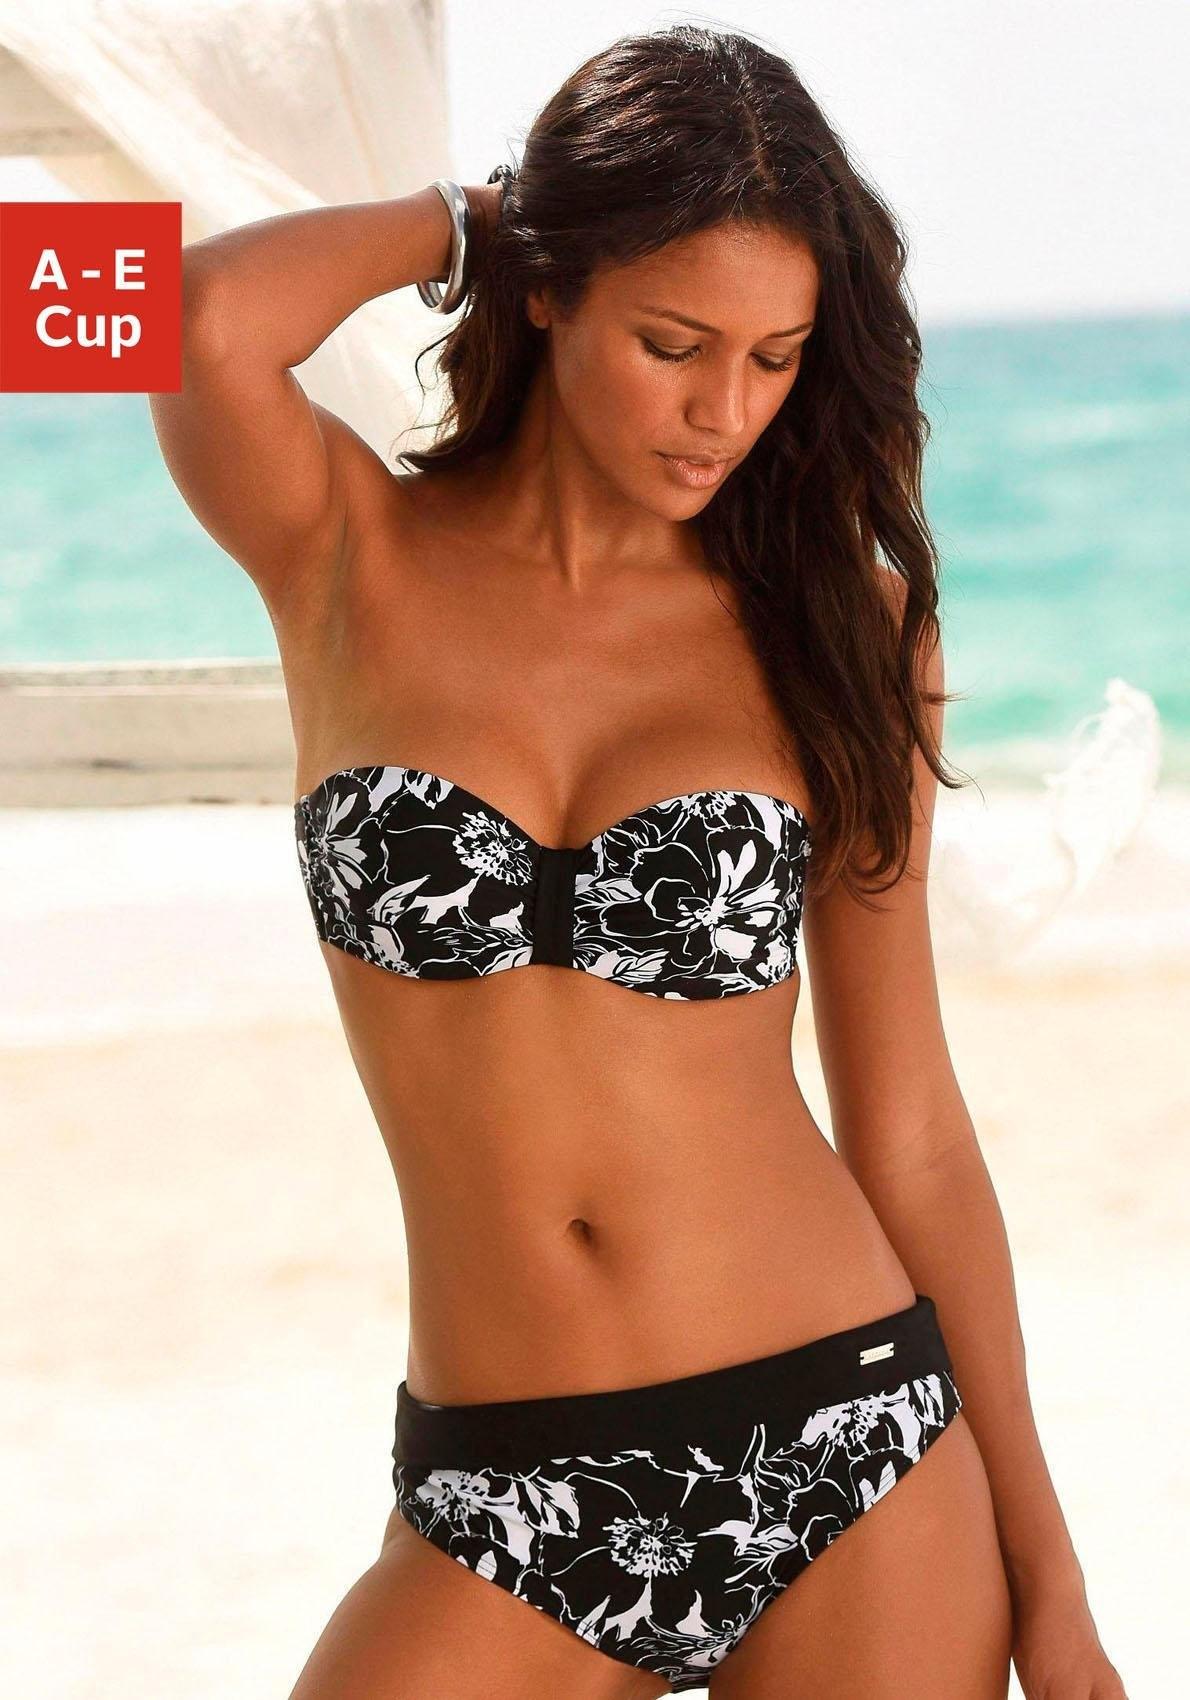 LASCANA bikinitop met beugels, in bandeaumodel, »Flower« veilig op otto.nl kopen